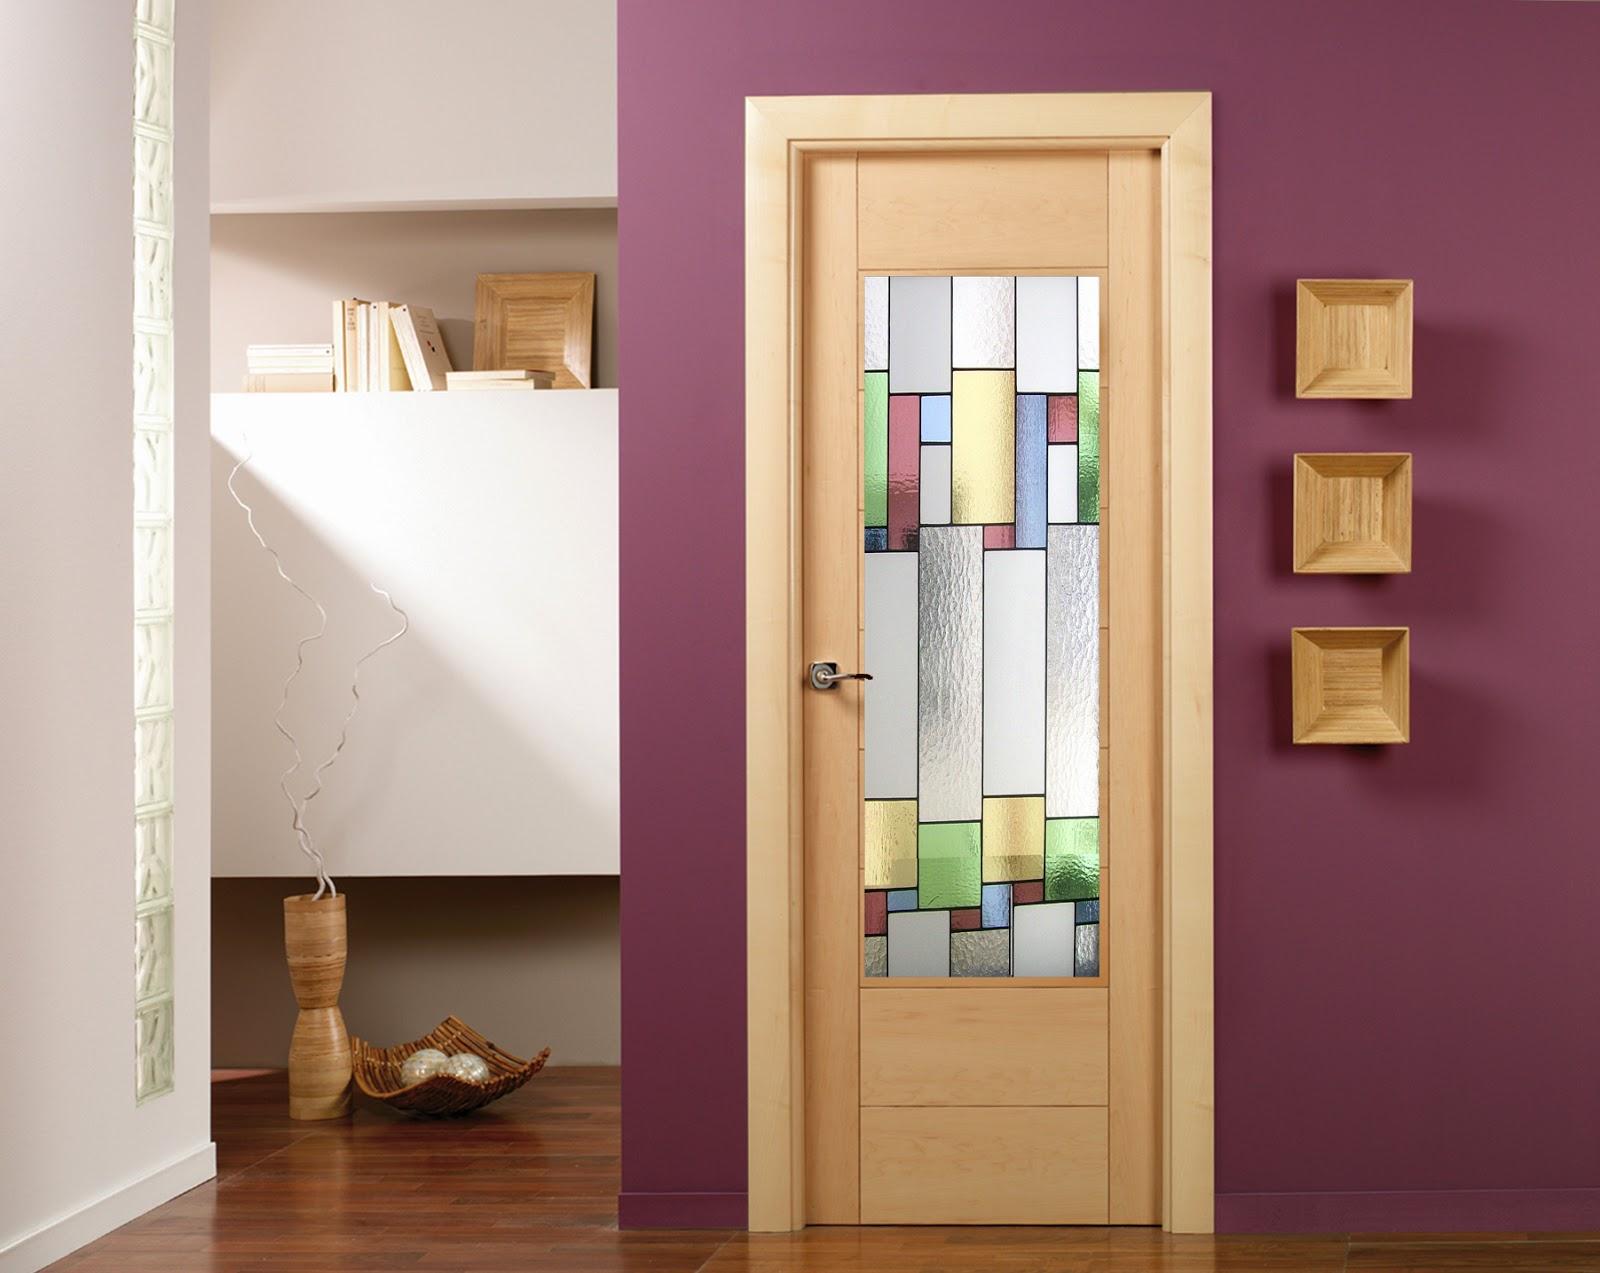 vidrieras artesanas puertas de interior